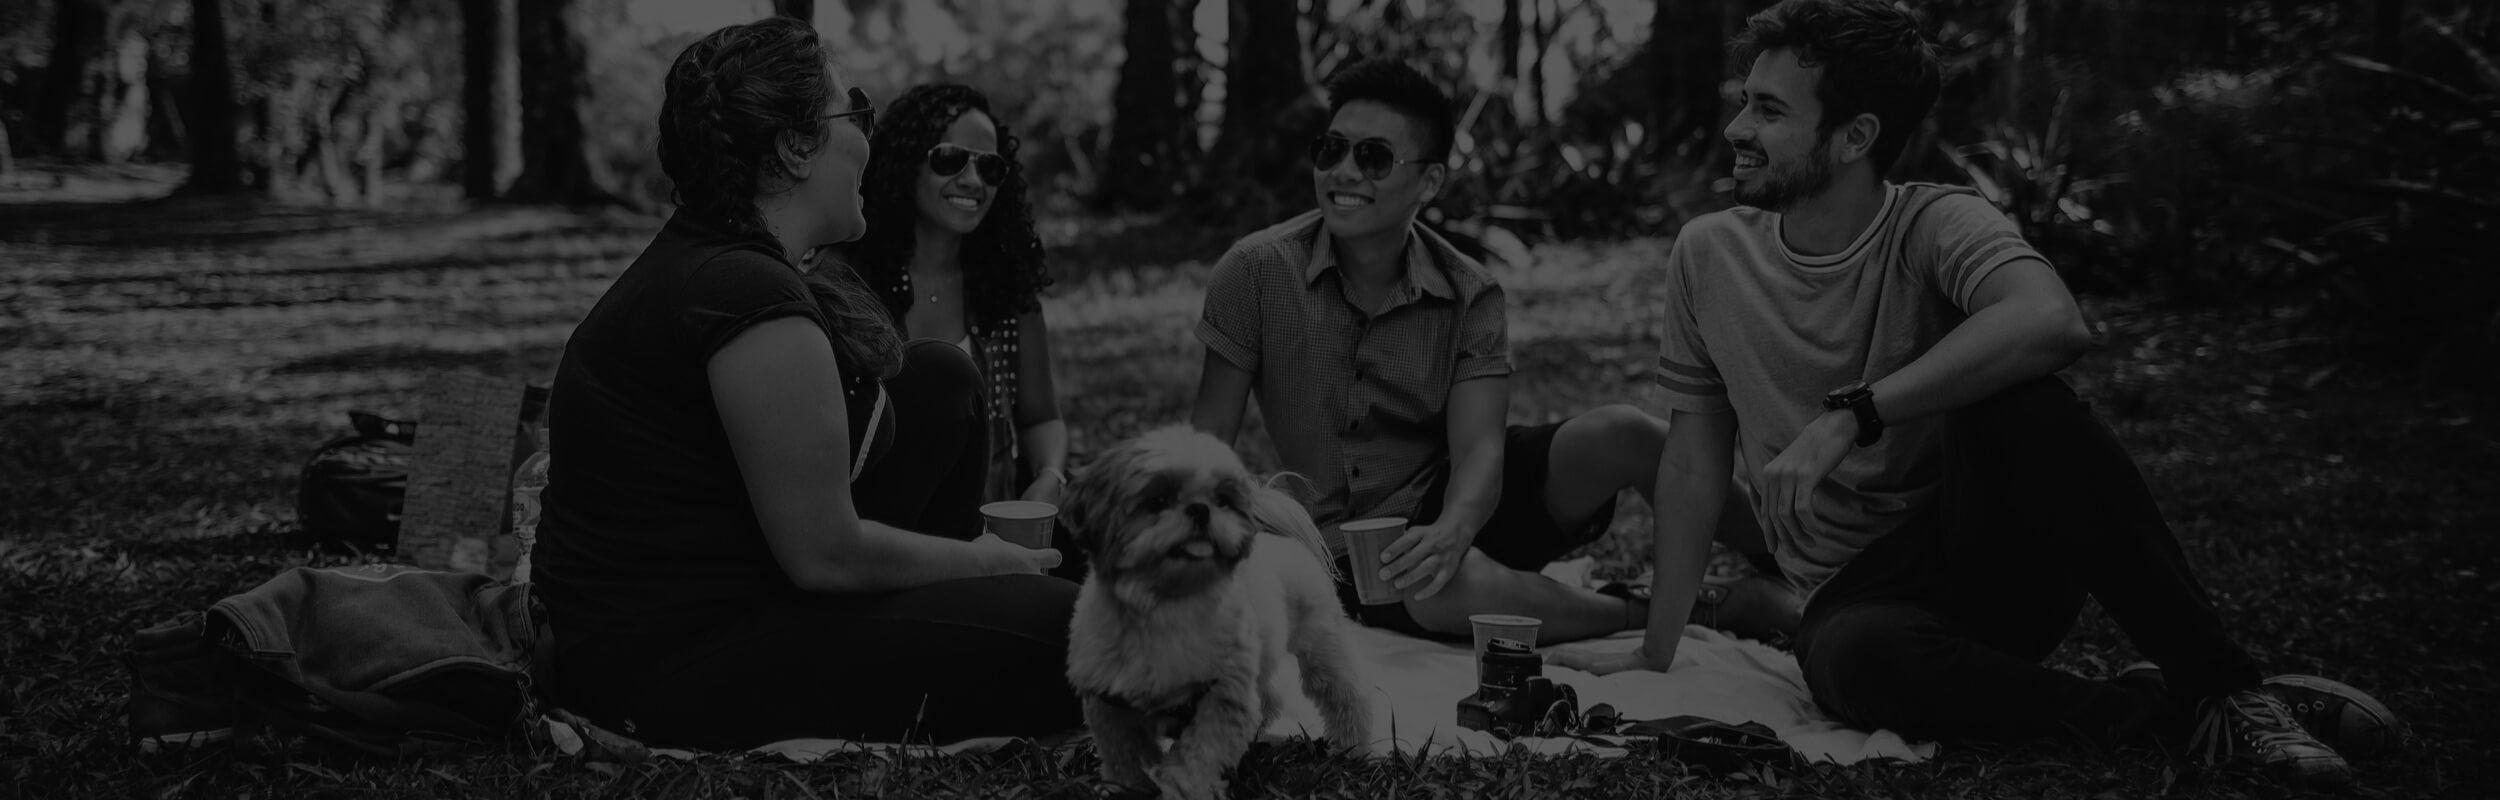 ľudia a pes na pikníku